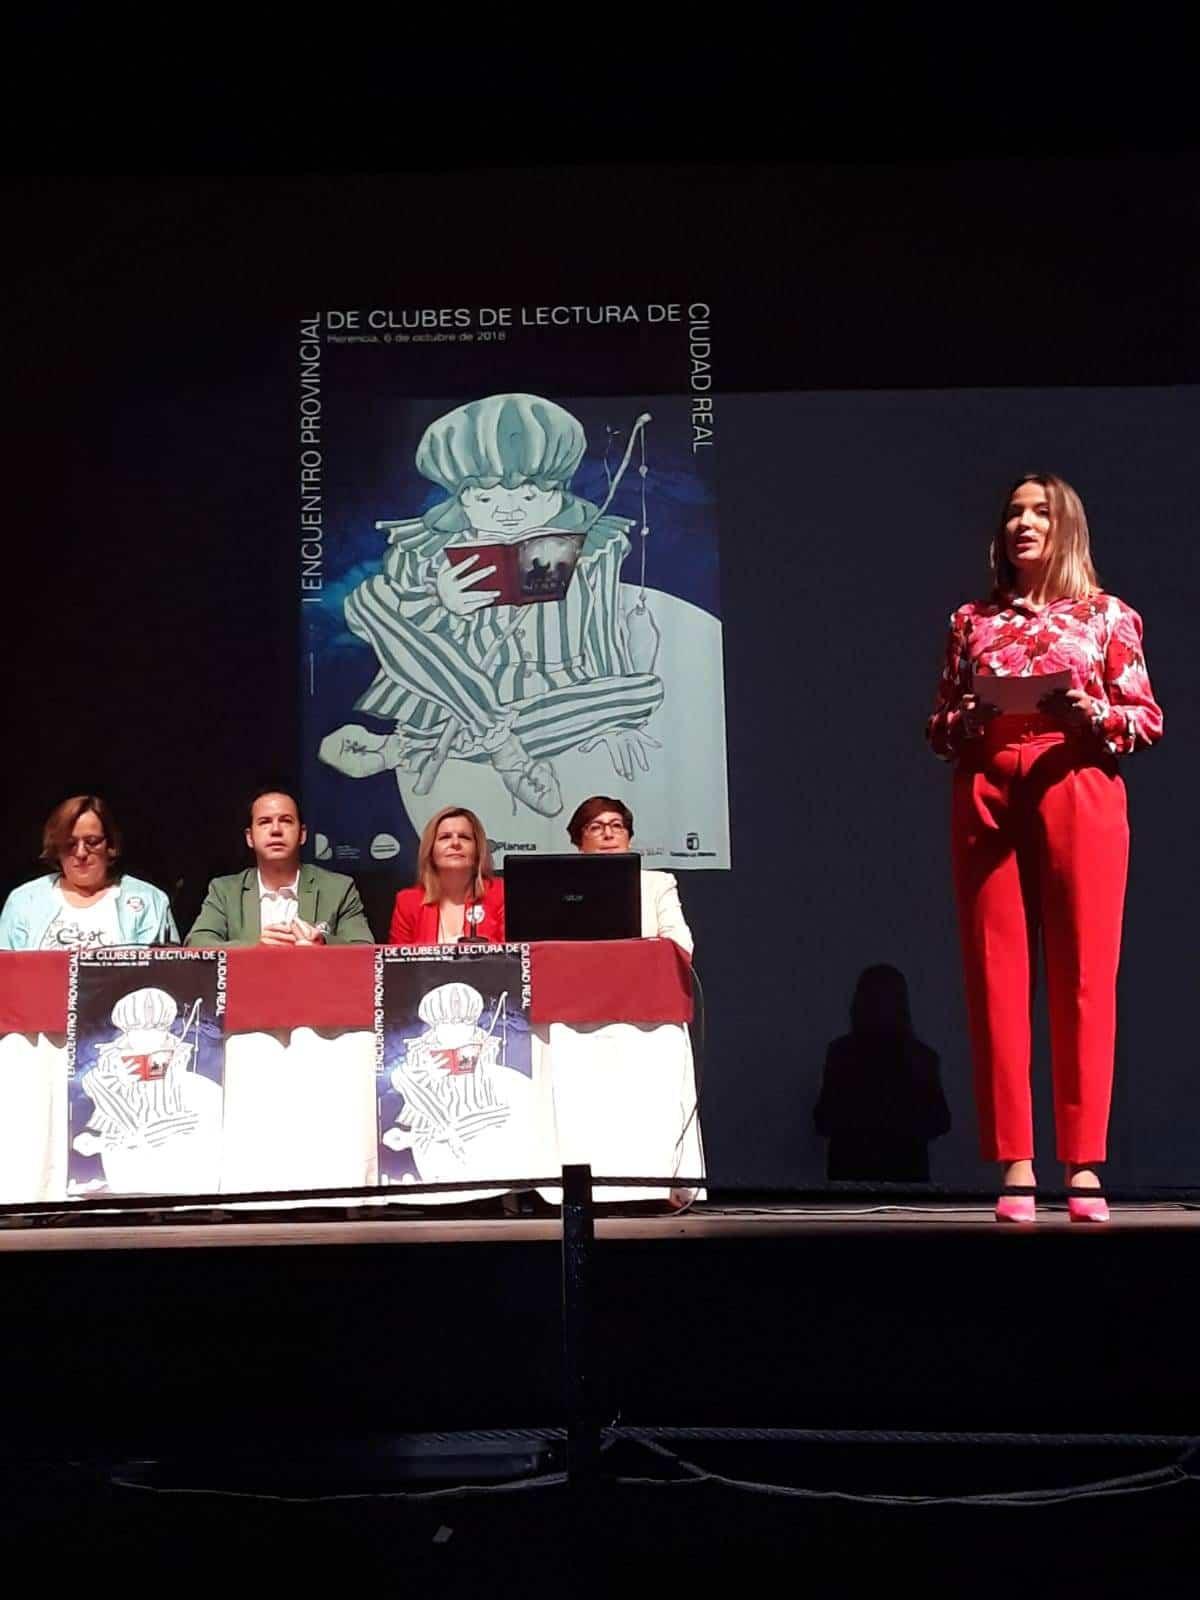 Herencia acoge el I Encuentro Provincial de Clubes de Lectura de Ciudad Real 8